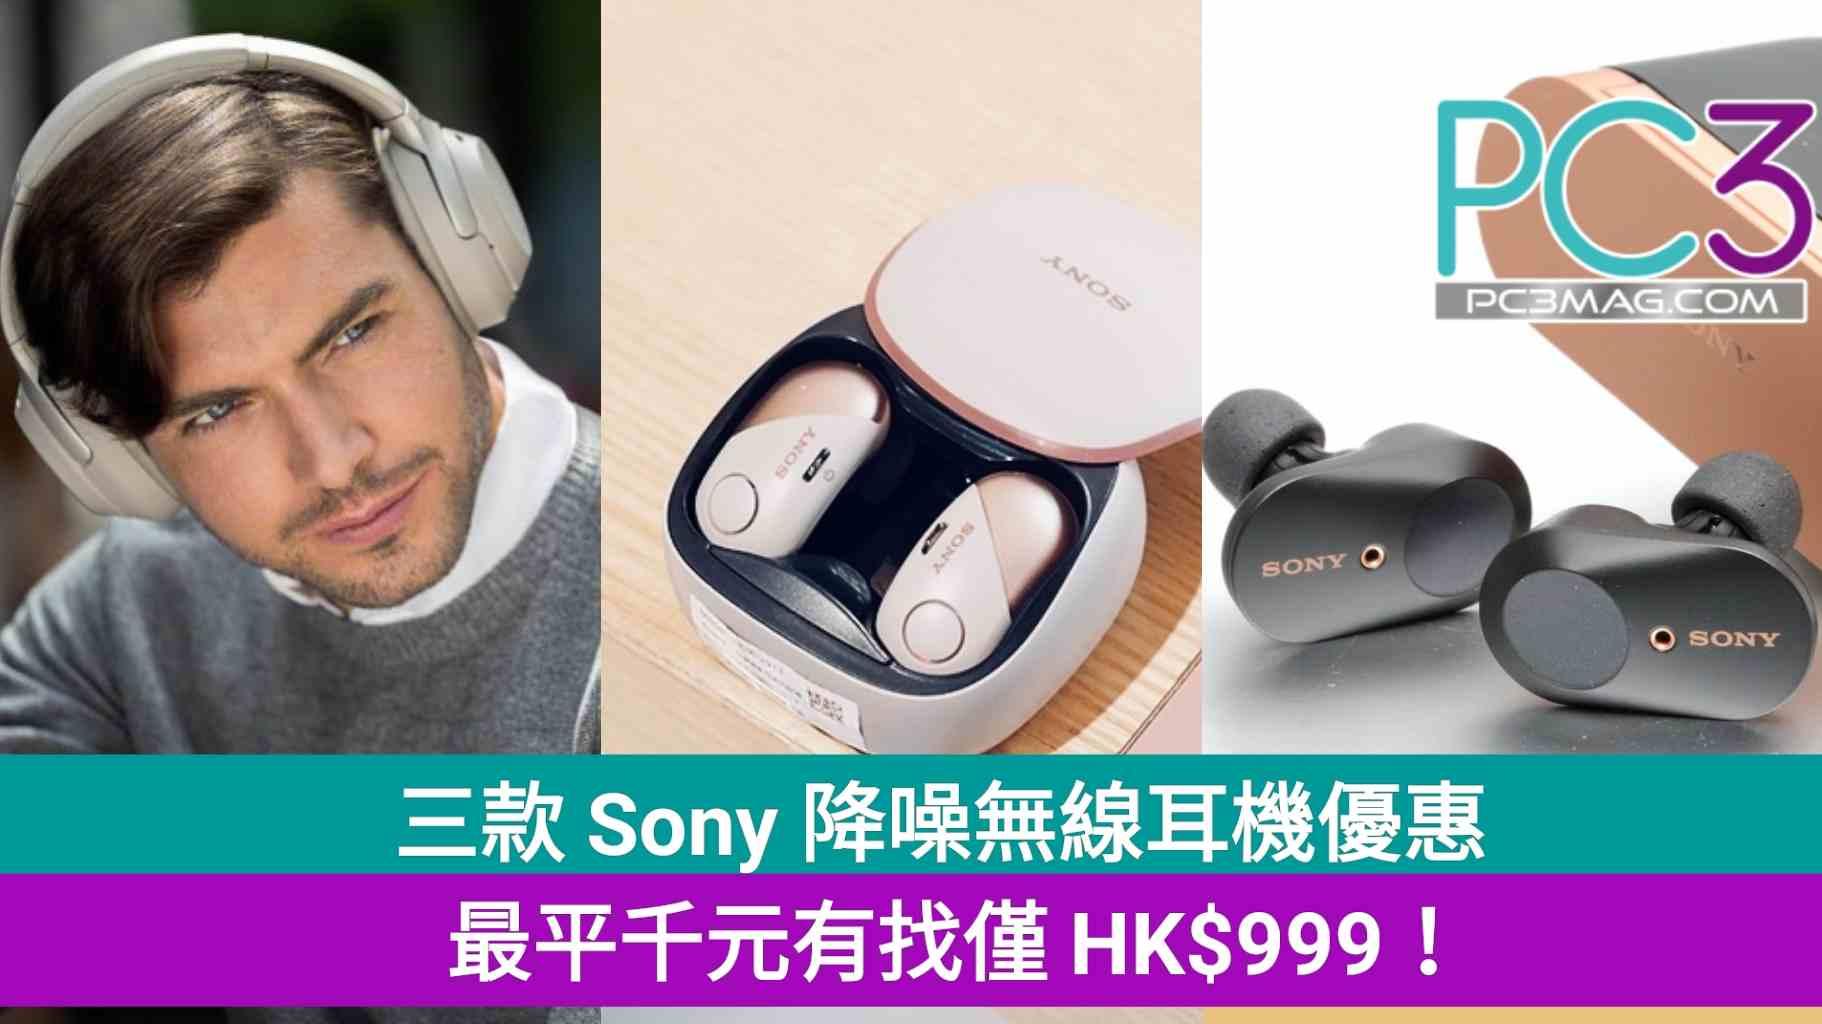 【著數】三款 Sony 降噪無線耳機優惠:最平千元有找僅 HK$999! - Yahoo奇摩時尚美妝